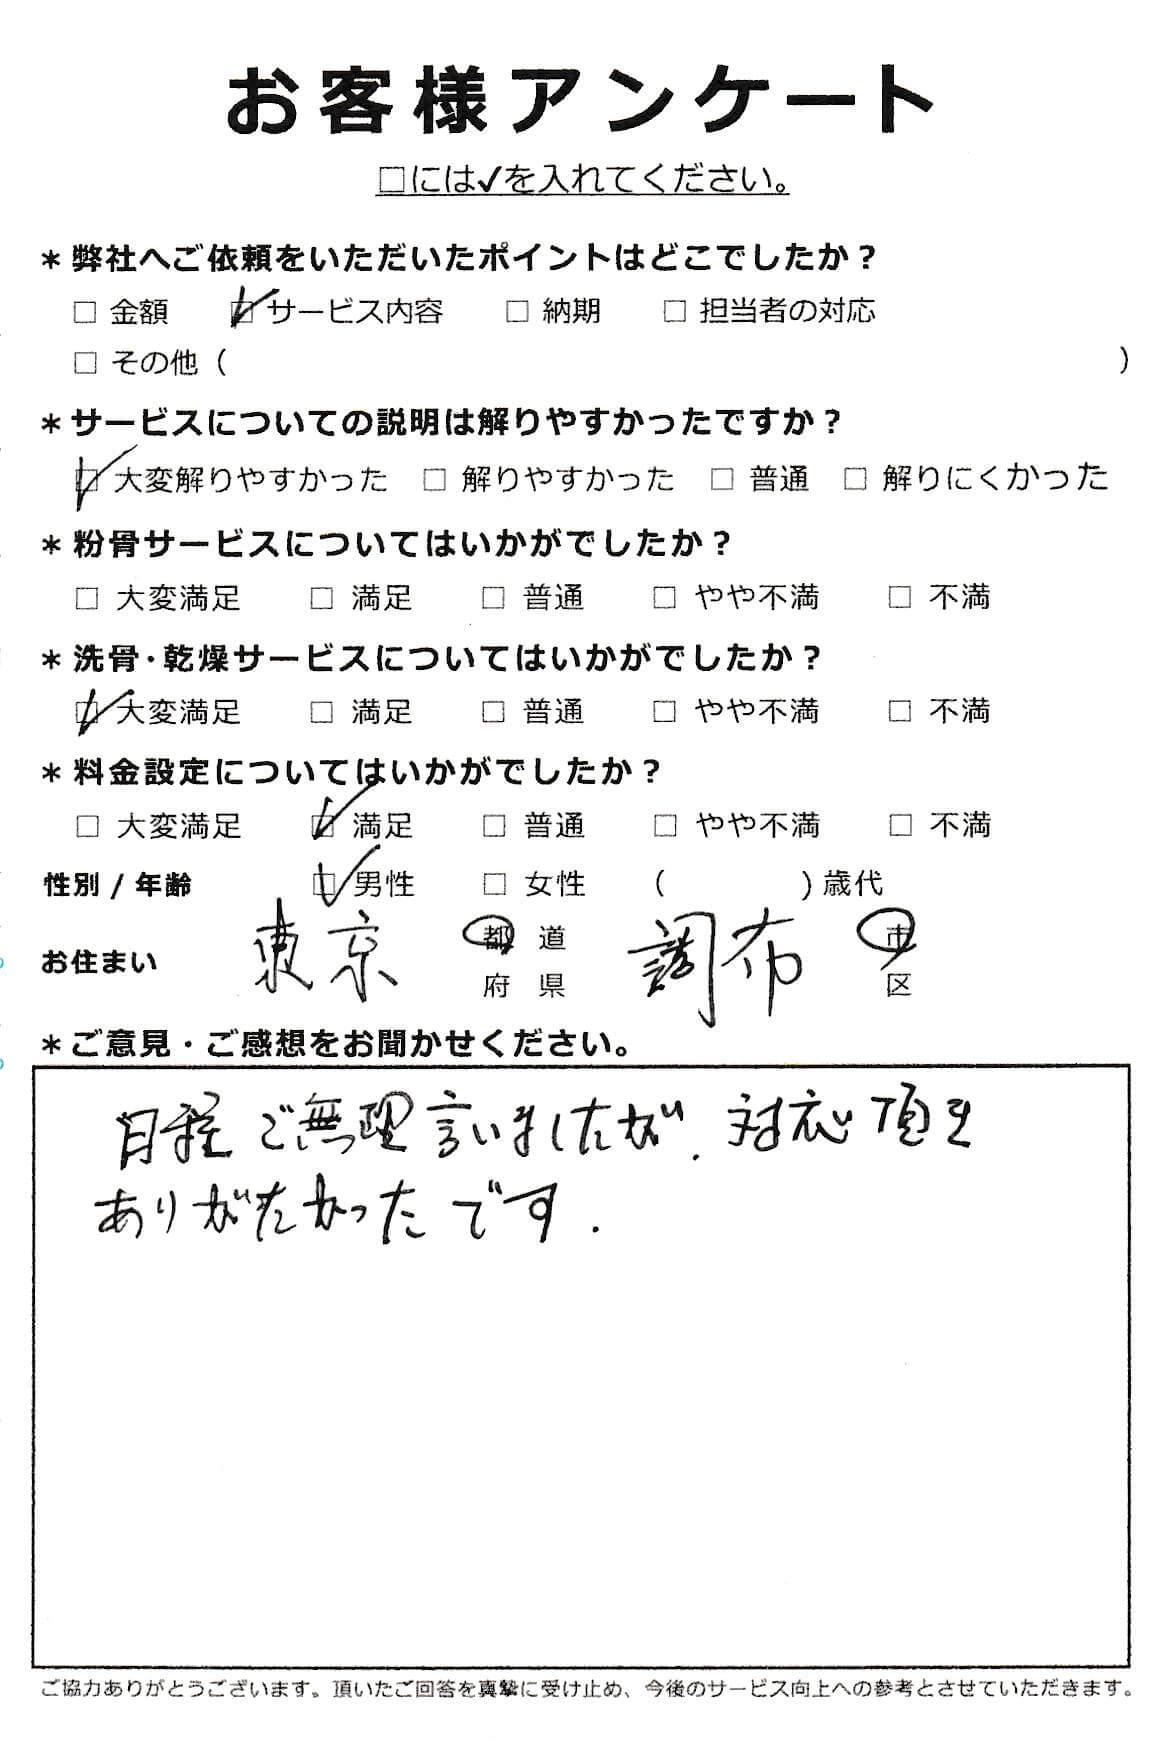 東京都調布市での粉骨サービス